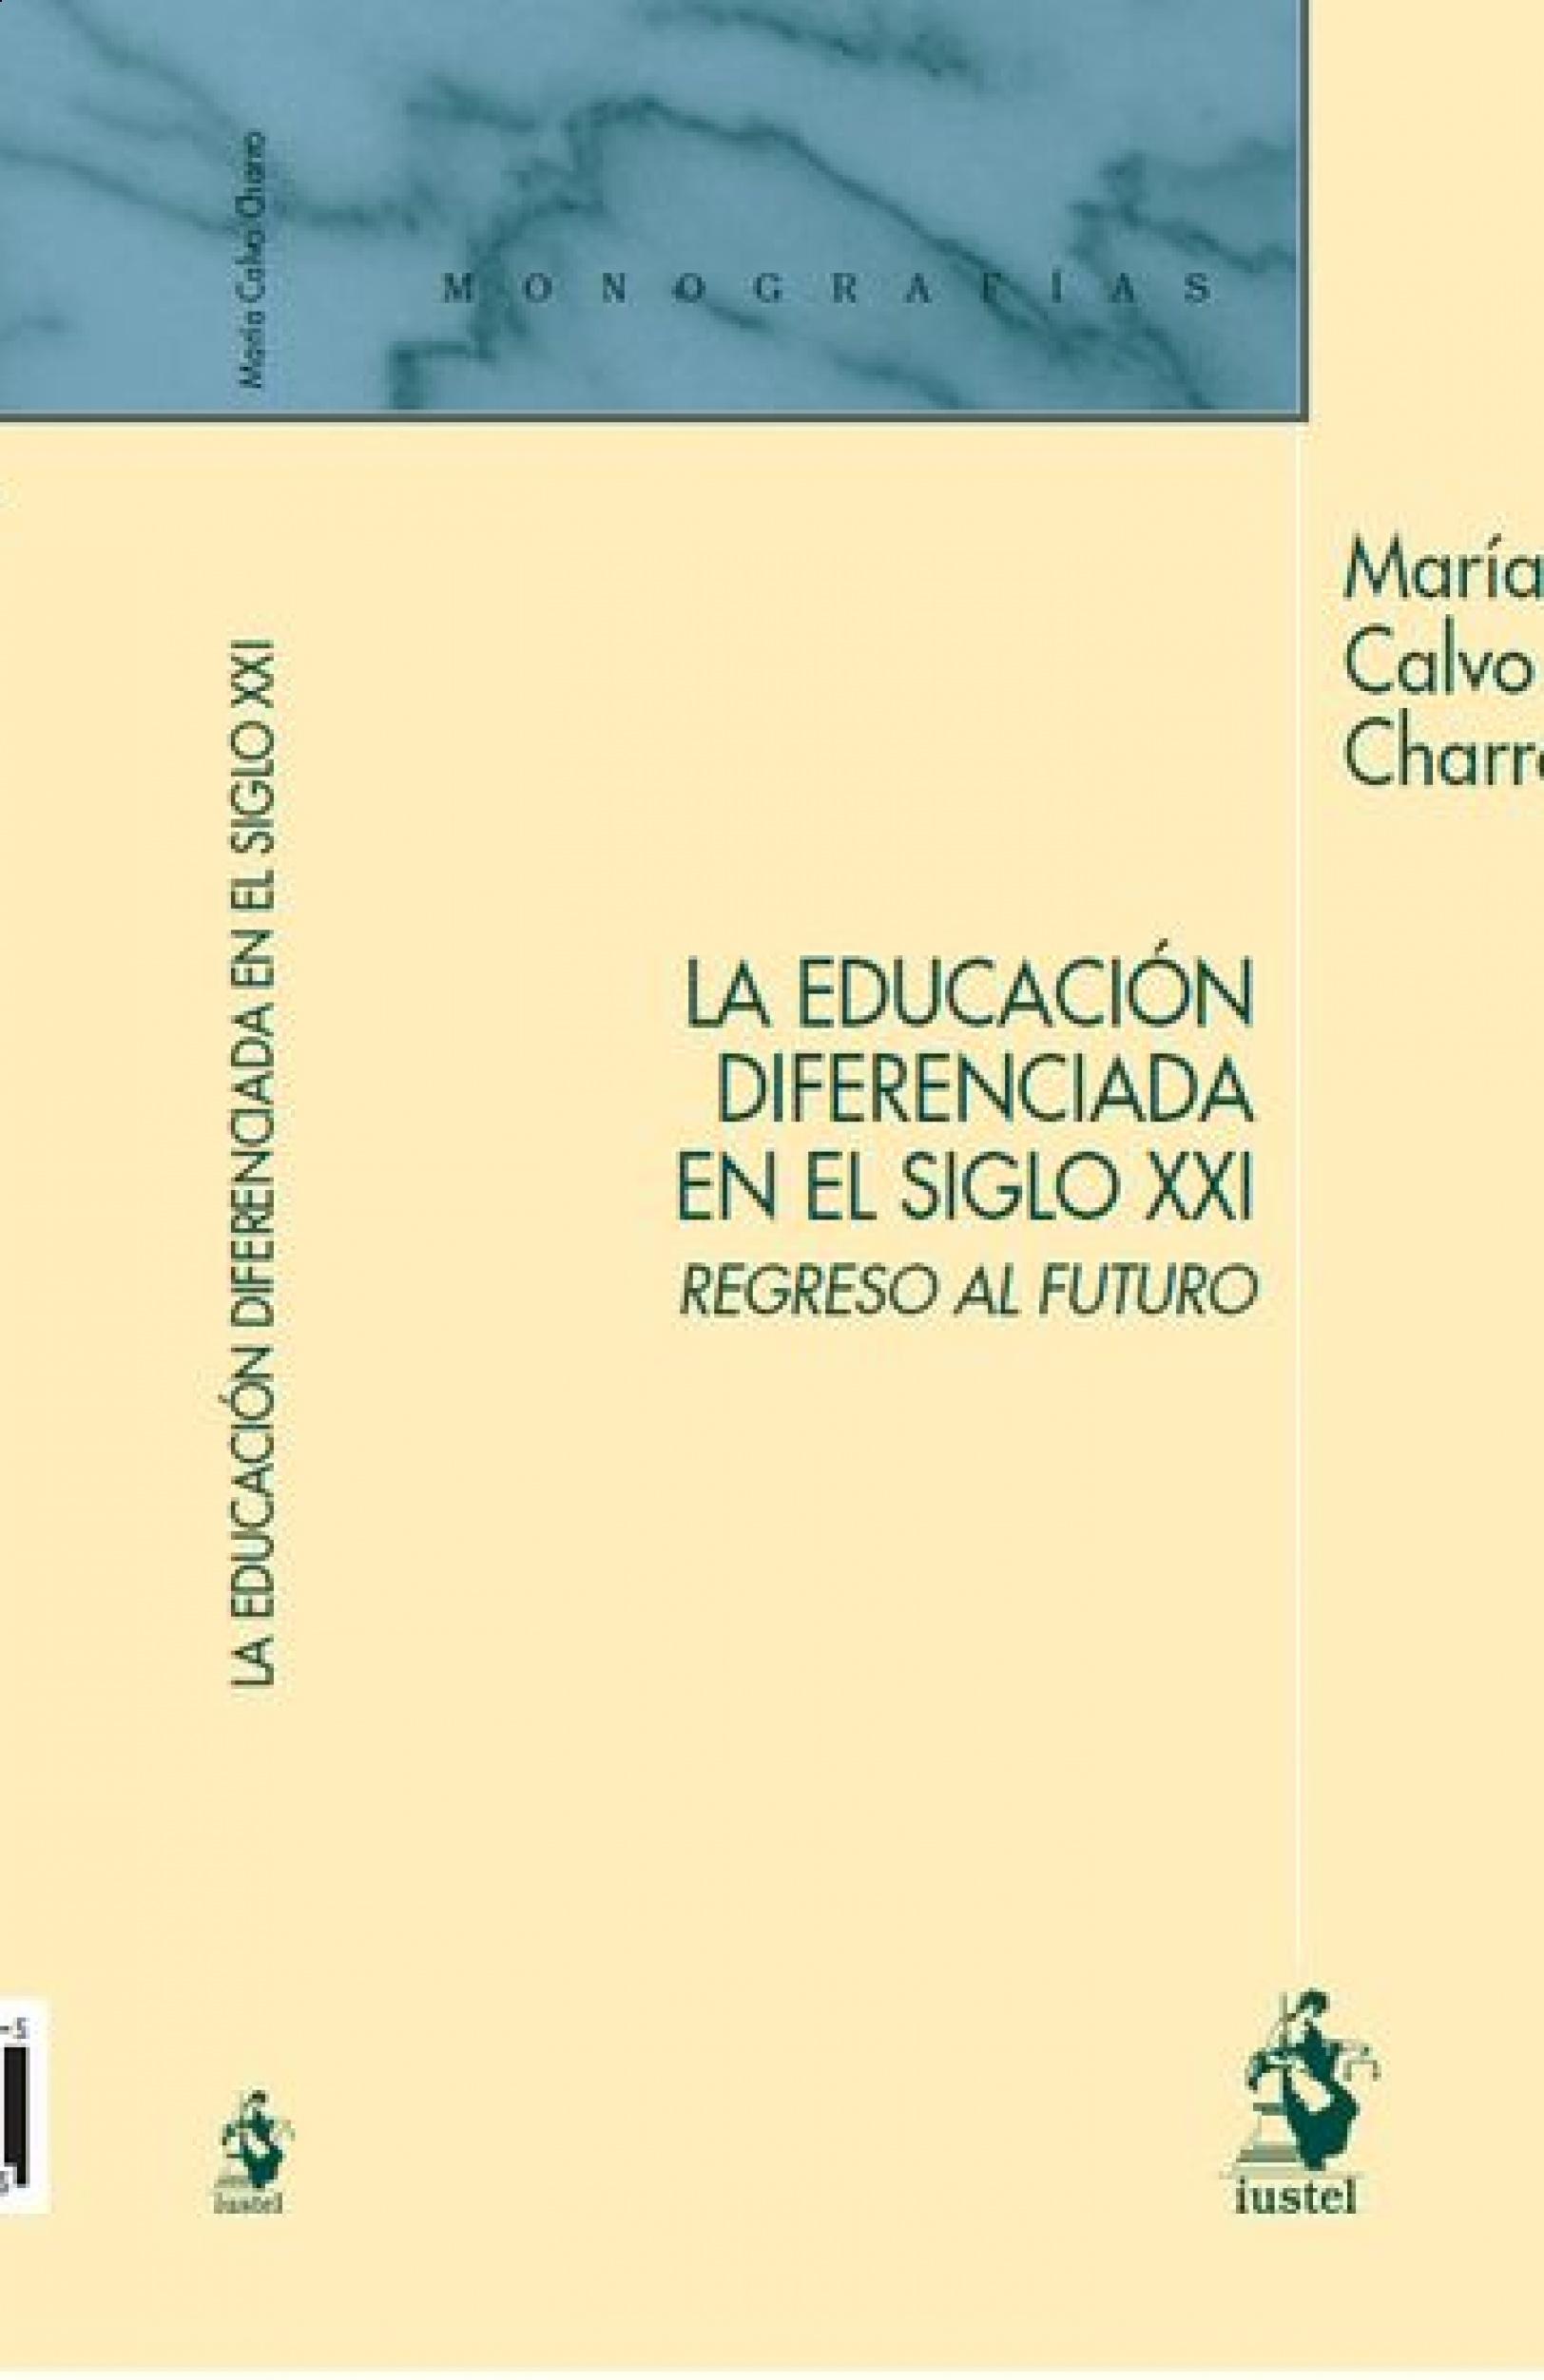 María Calvo